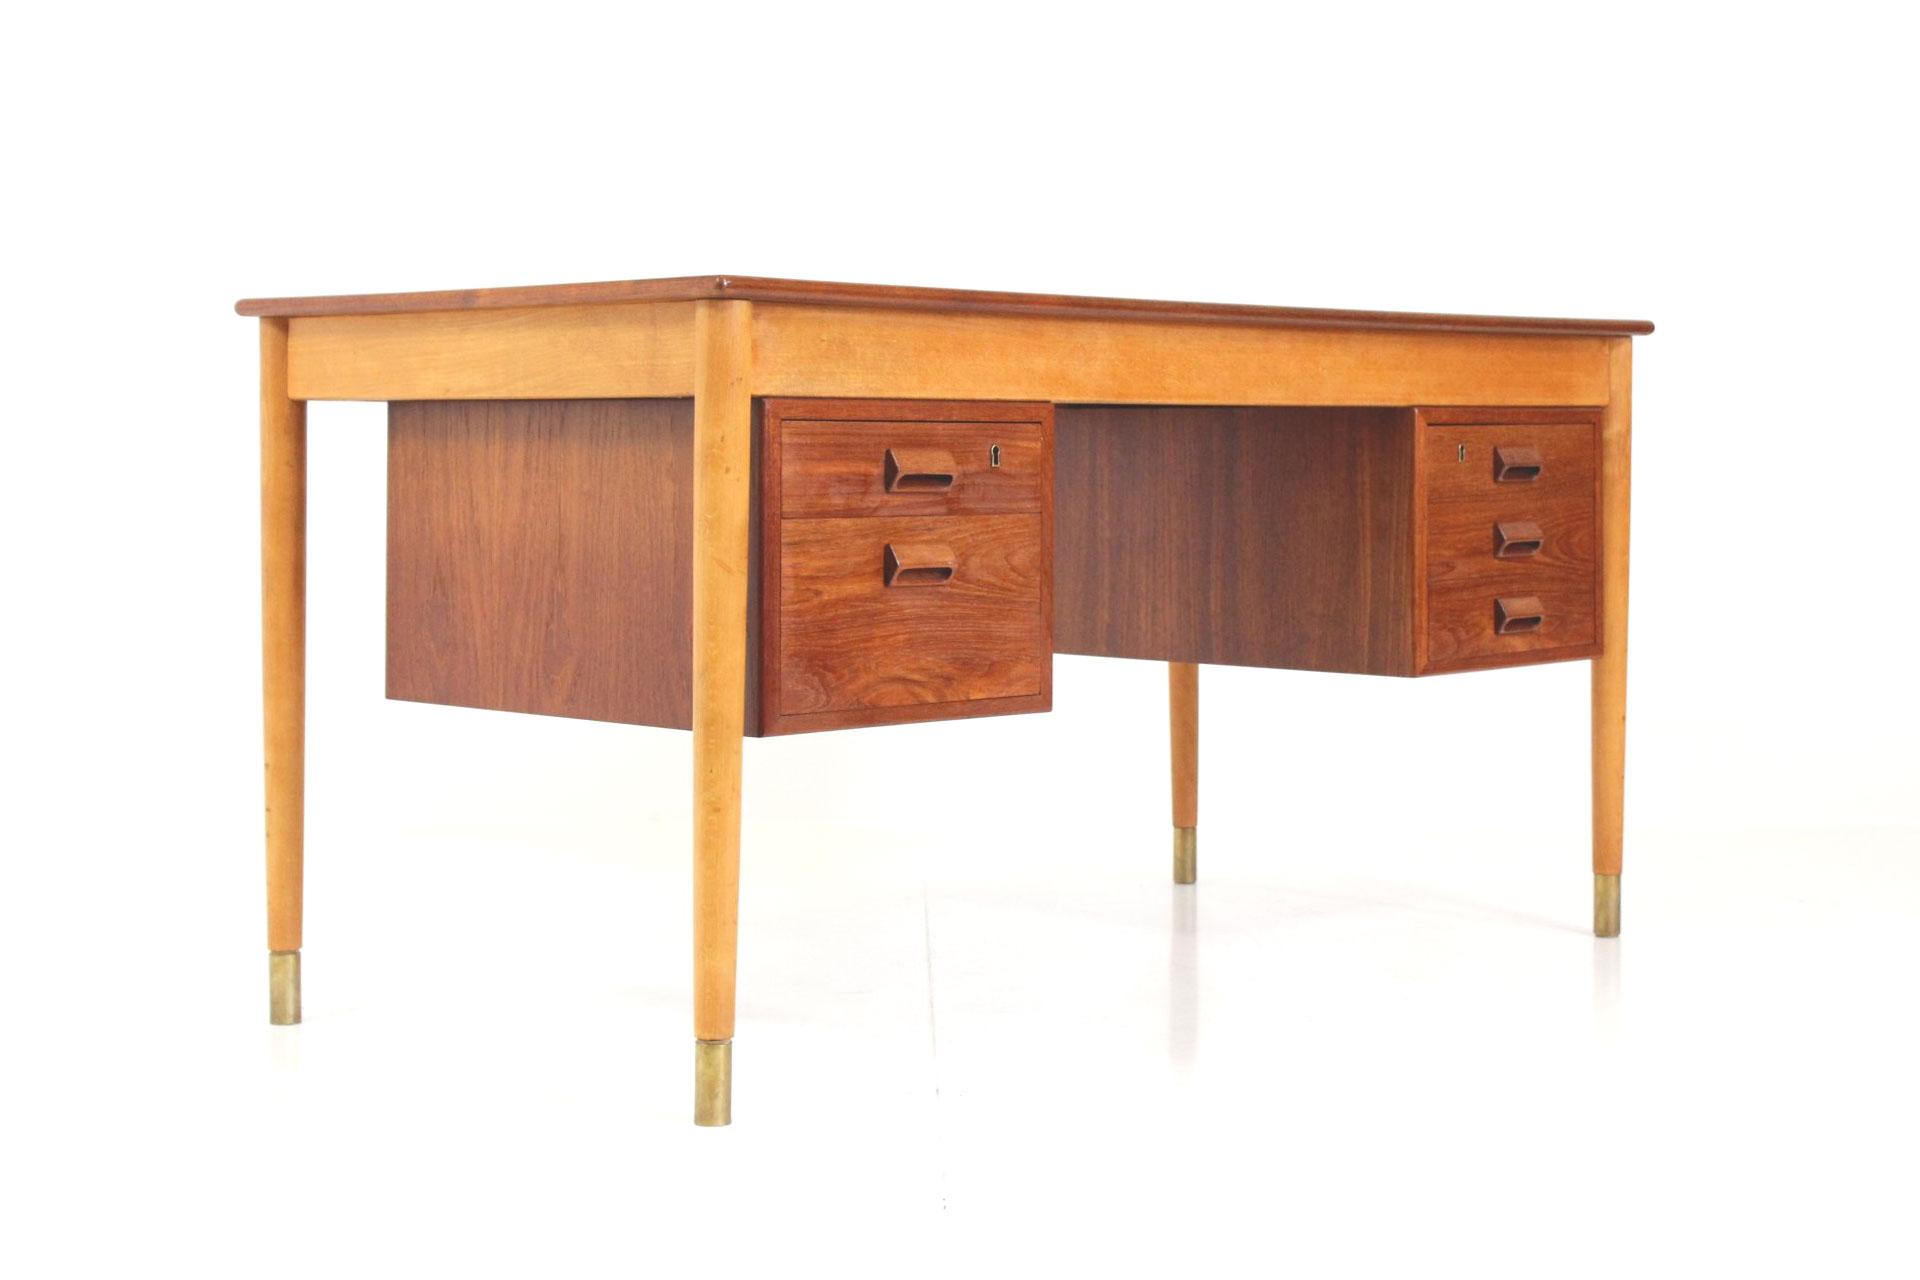 Vintage Retro Desk no. 130/1 by Børge Mogensen for Søborg Møbelfabrik